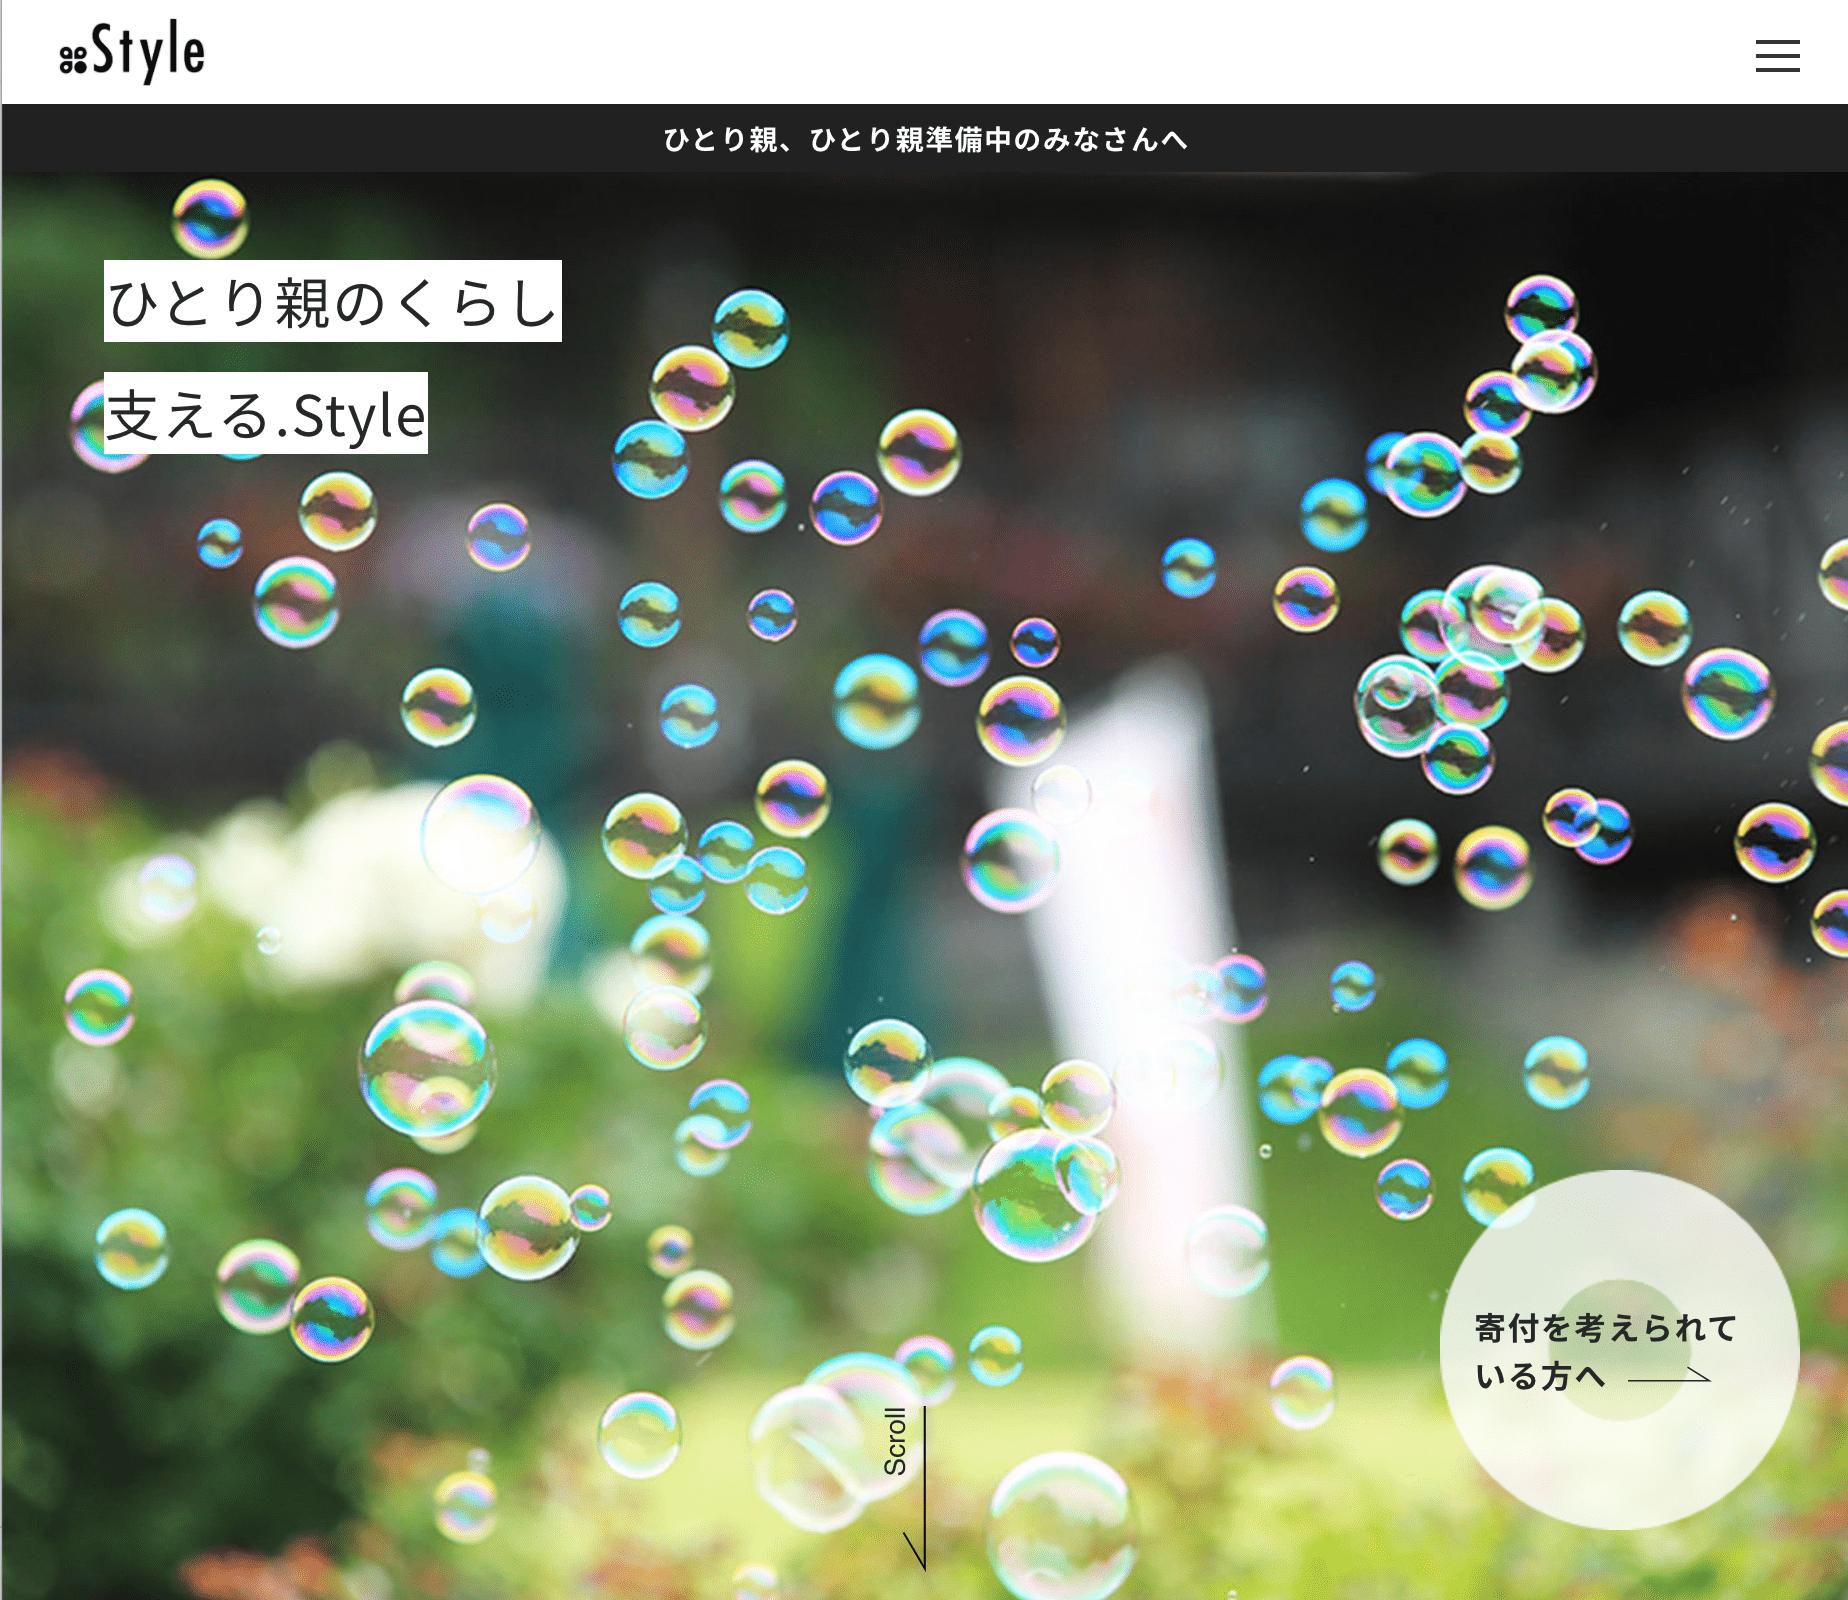 ドットスタイルHP画像